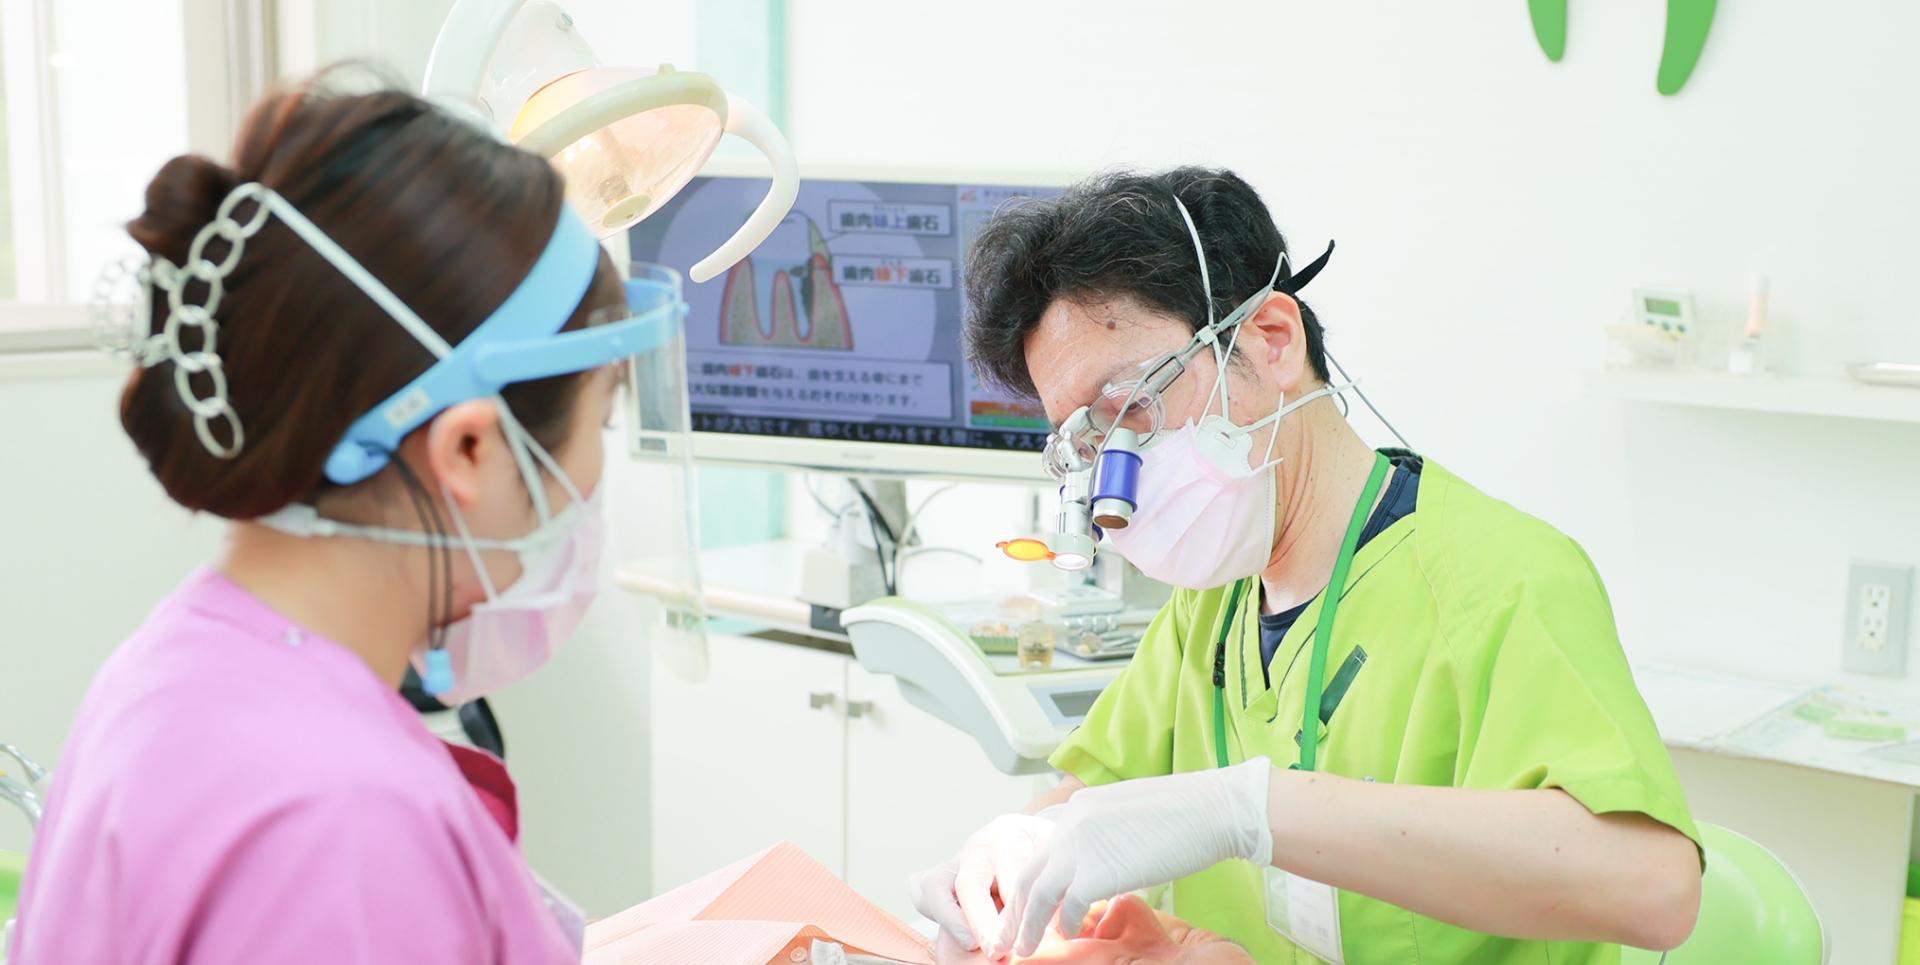 笑顔で過ごせる人生を提供する、歯医者さん。